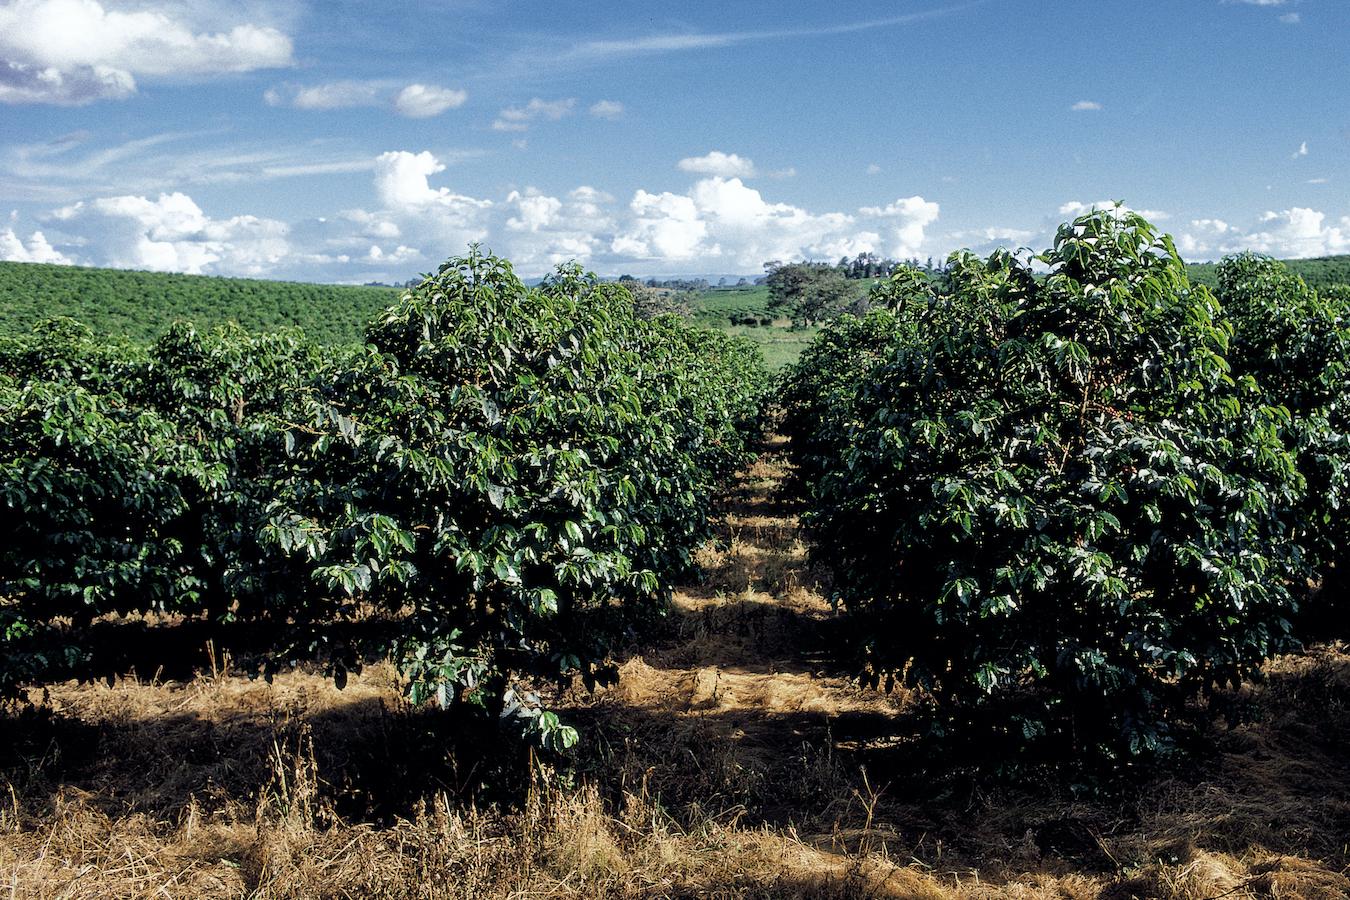 気温上昇によりアラビカ種に適した栽培地が減少